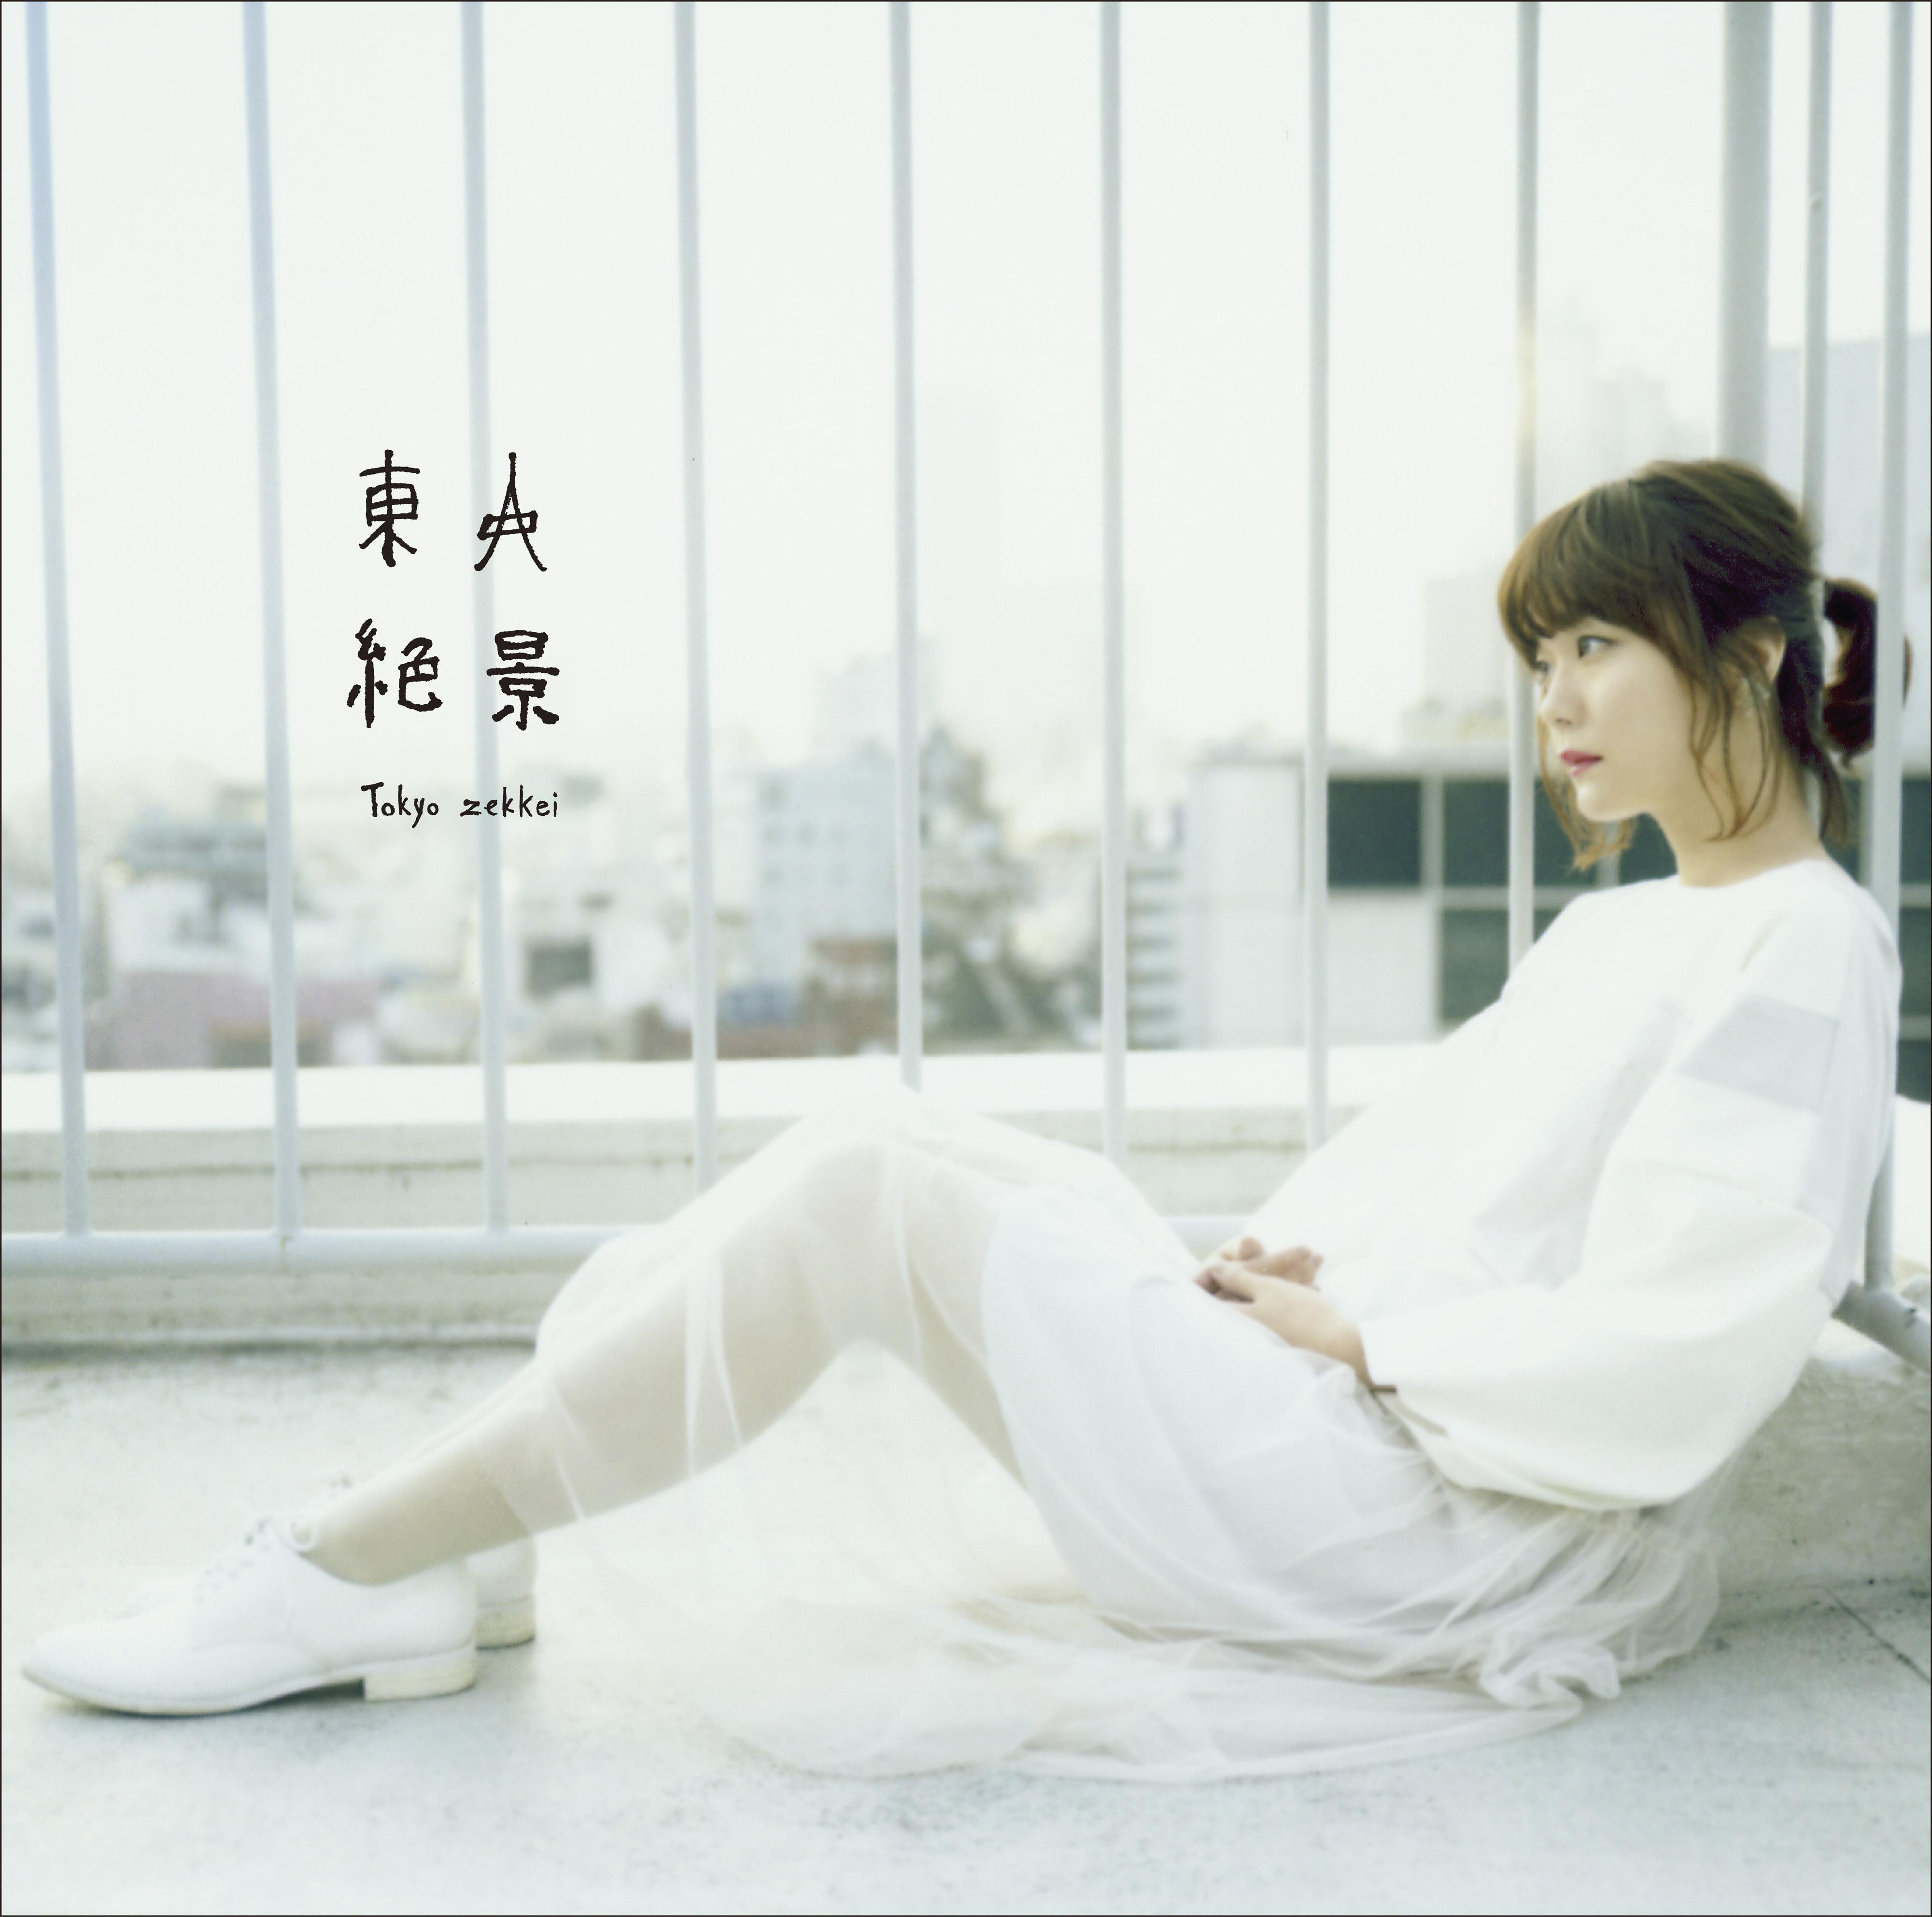 吉澤嘉代子 (よしざわかよこ)『東京絶景 (とうきょうぜっけい)』(通常盤) 高画質ジャケット画像